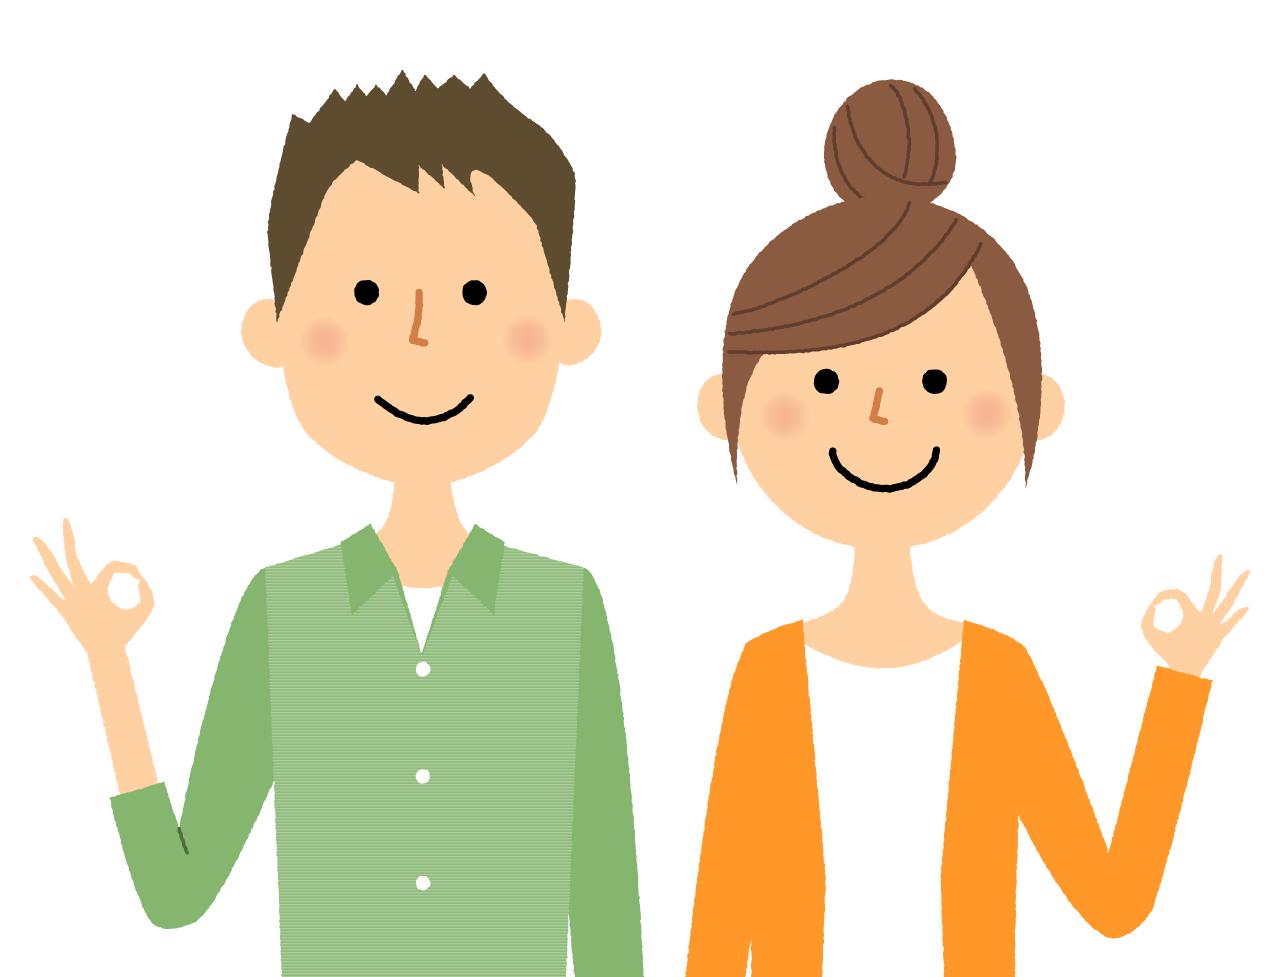 """『目指せ!""""2020婚""""』 ― 迎春キャンペーン募集延期のお知らせ〈20代~40代対象で1月31日迄〉"""